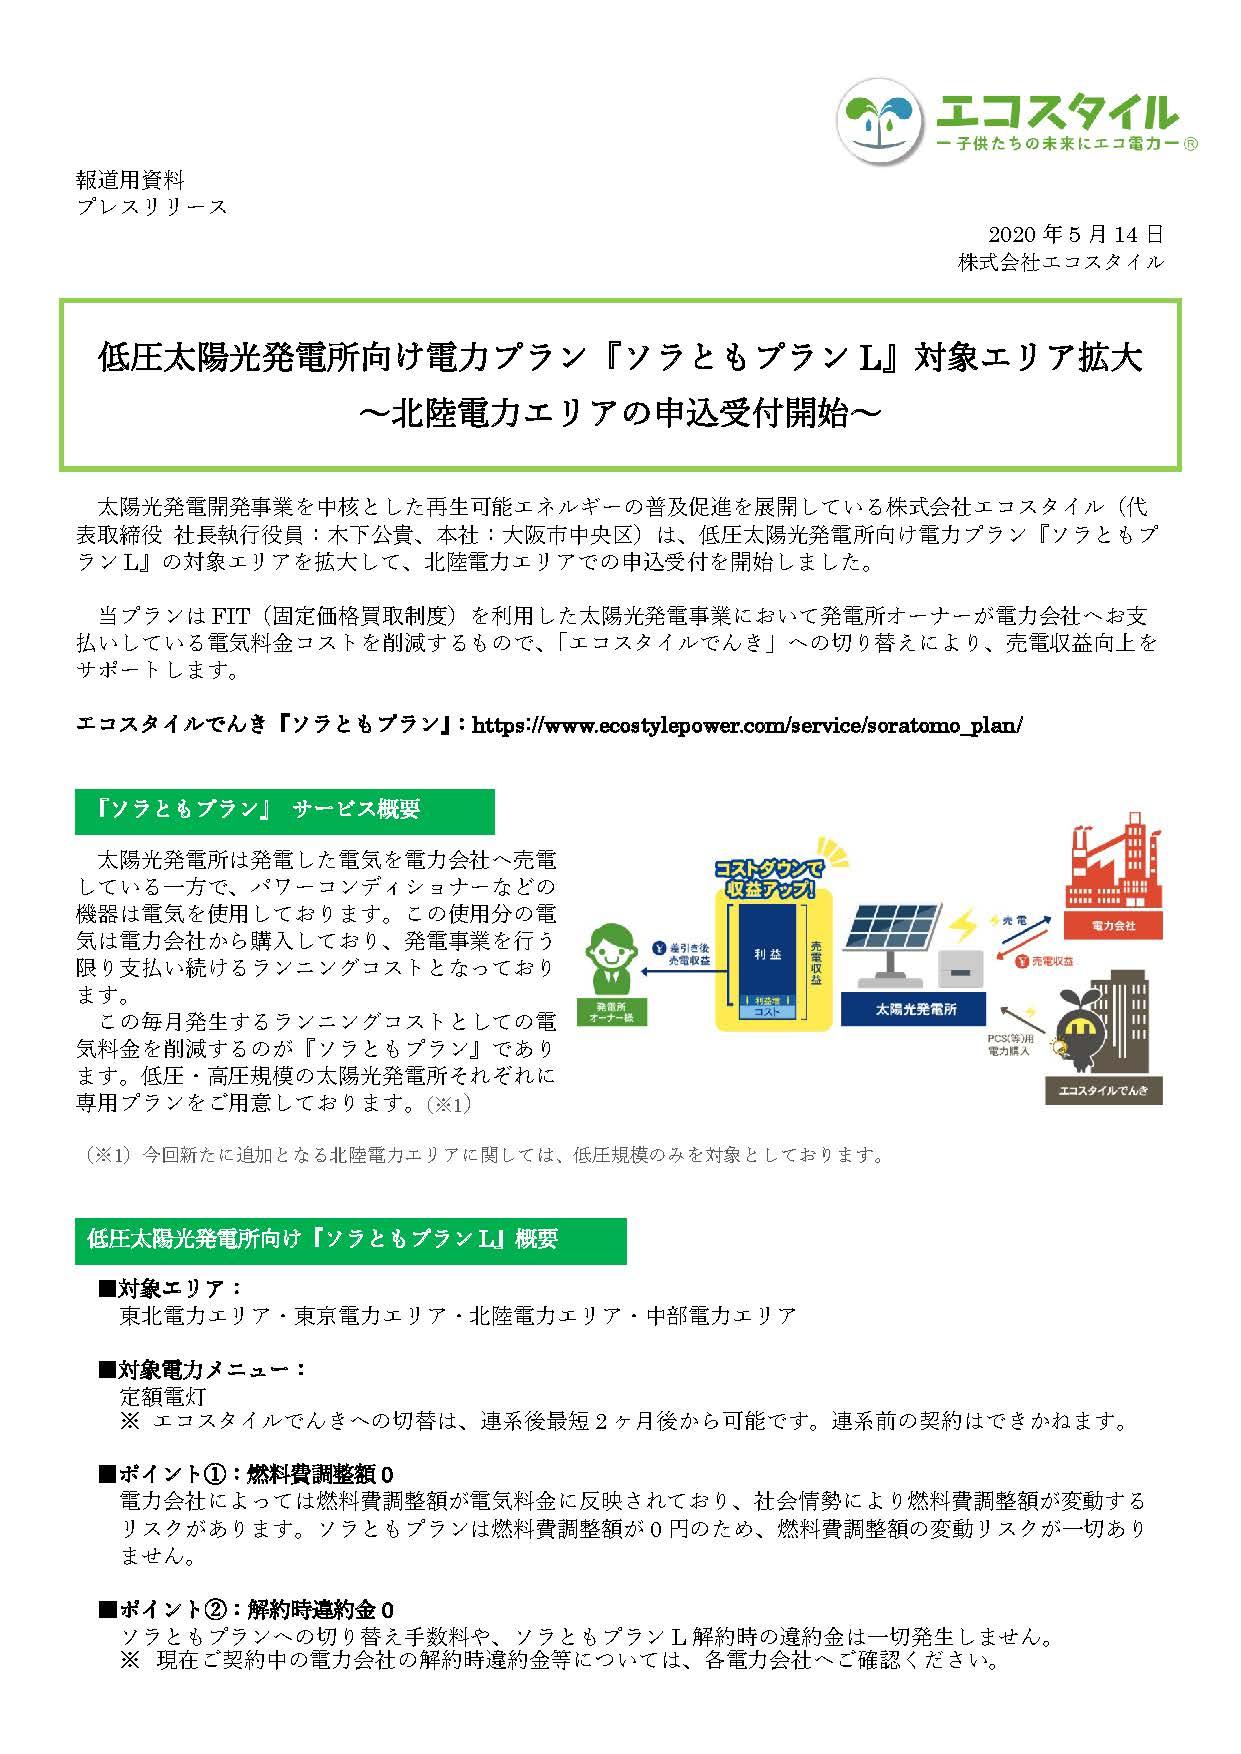 エコスタイルでんきに『REオプション』が新登場 オプション料金0円!非化石証書を活用した実質再エネ100%電気を提供開始